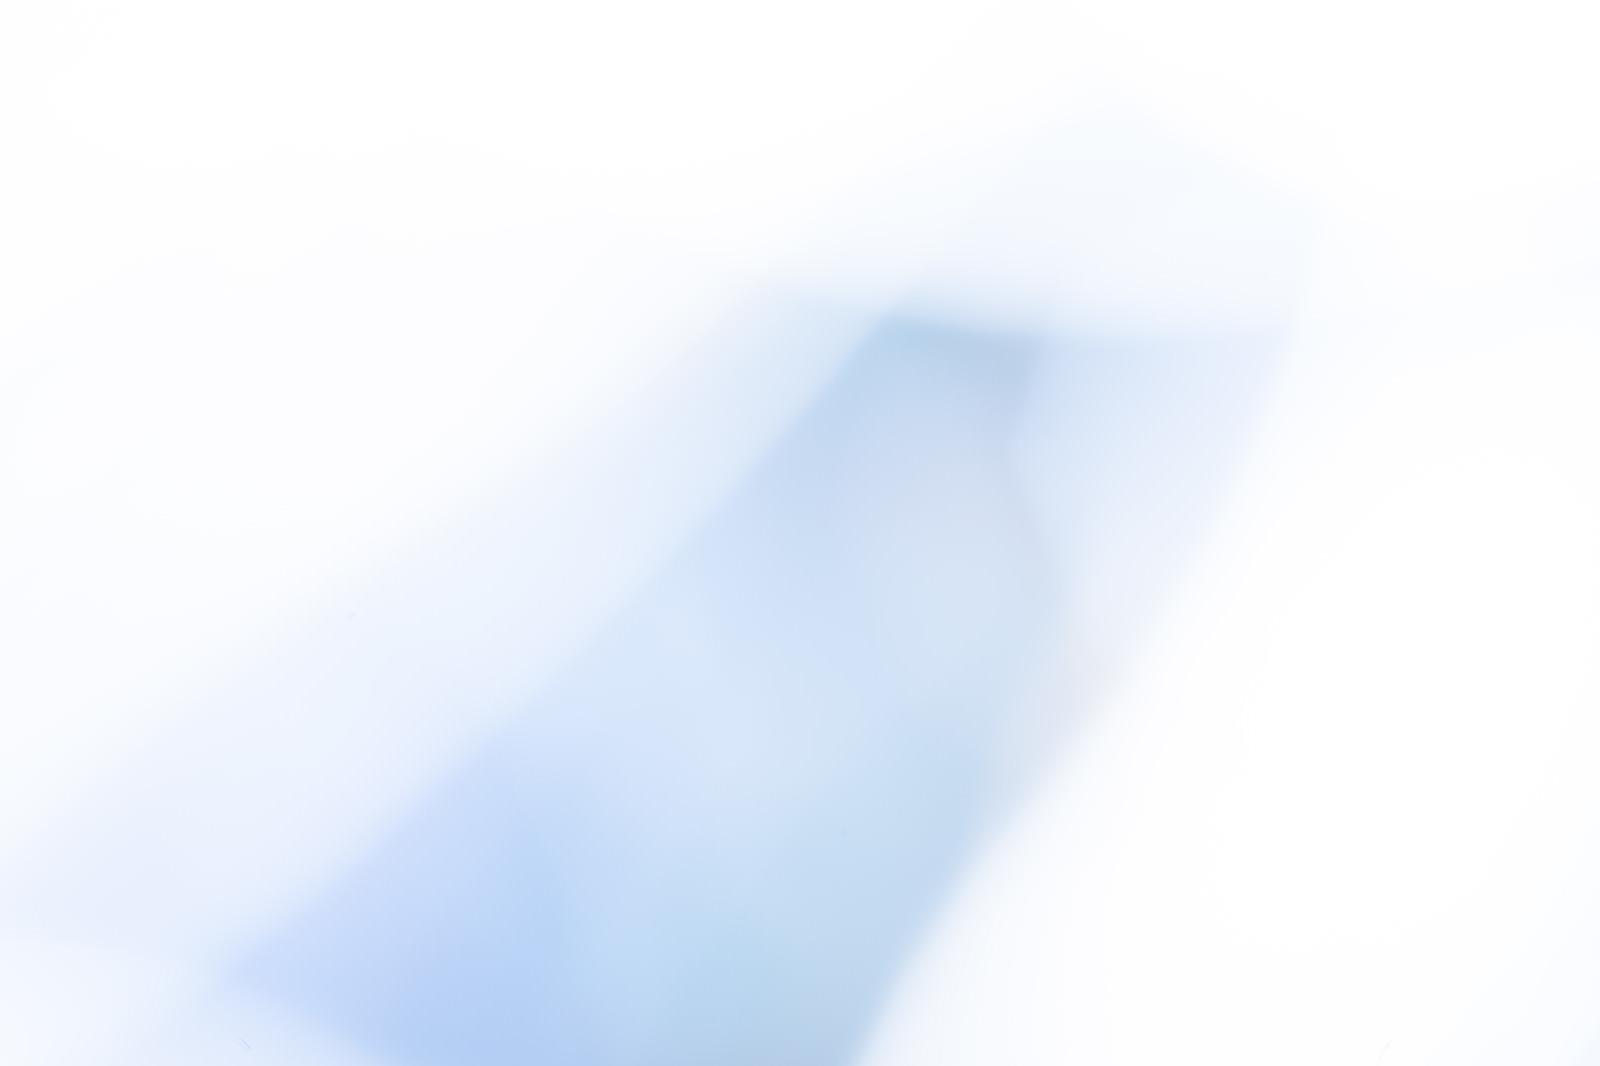 「青い影」の写真